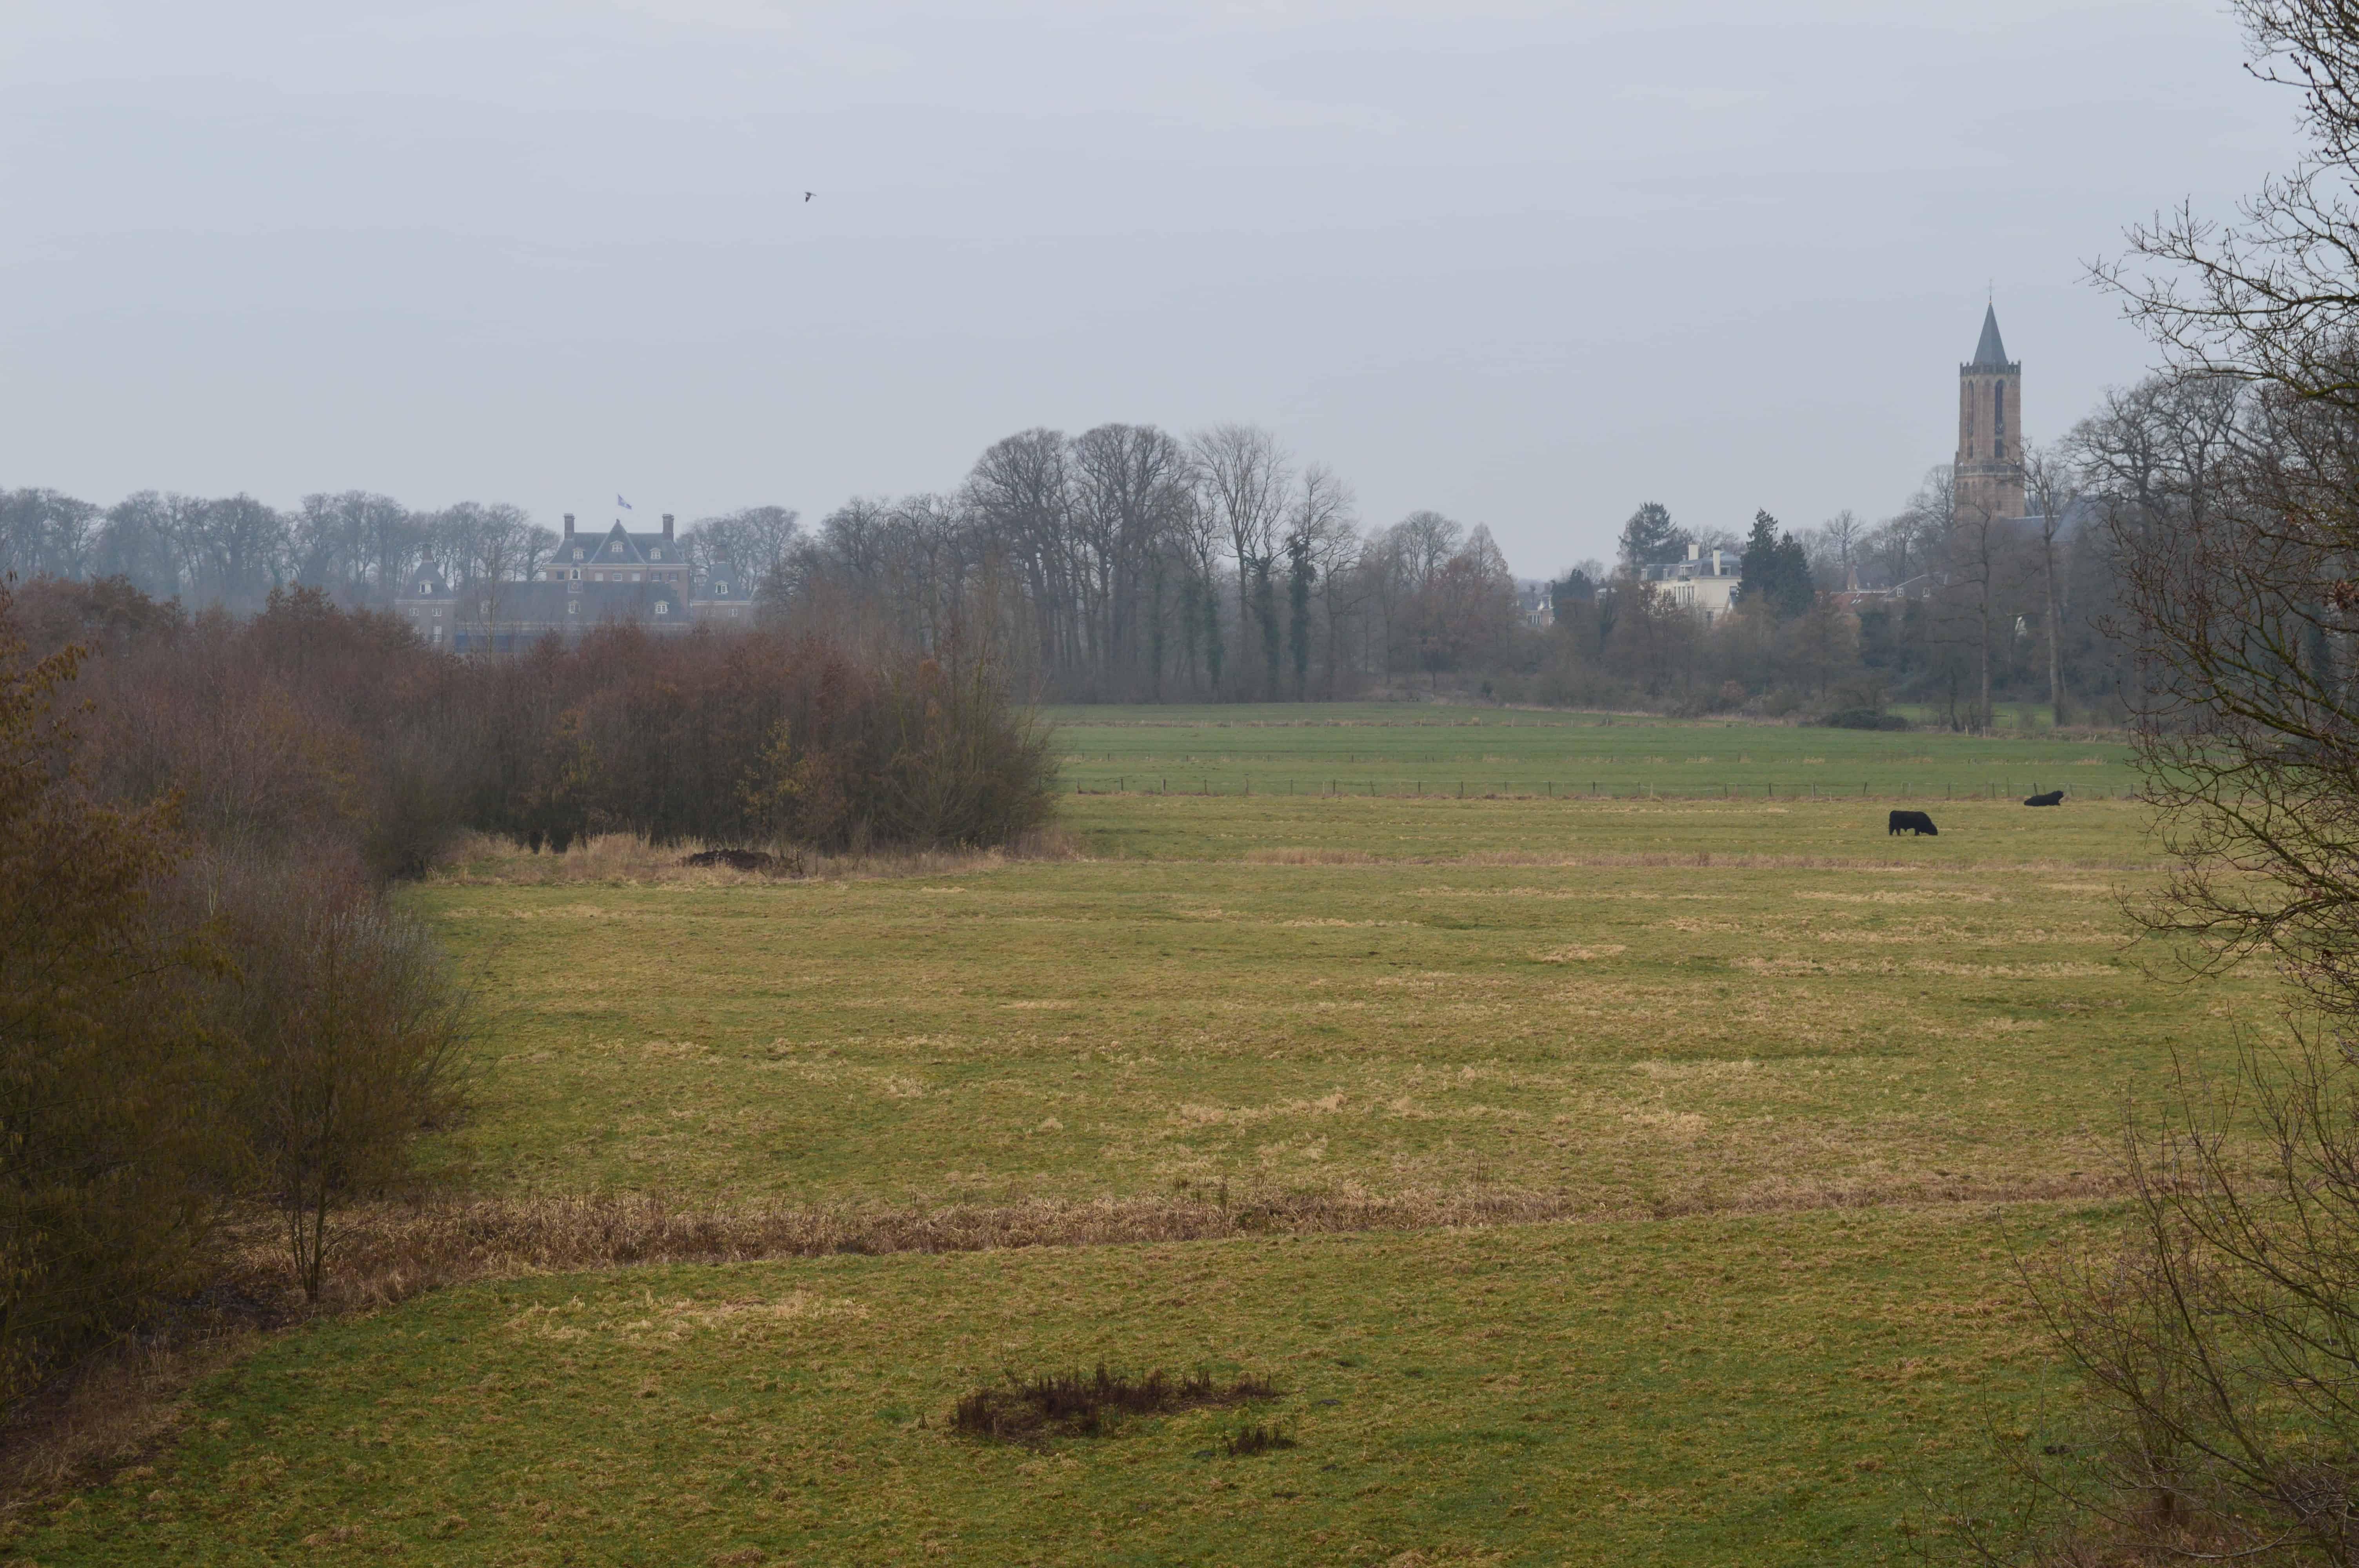 Amerongen in de verte - Van Amerongen naar Rhenen - Trekvogelpad - HappyHikers